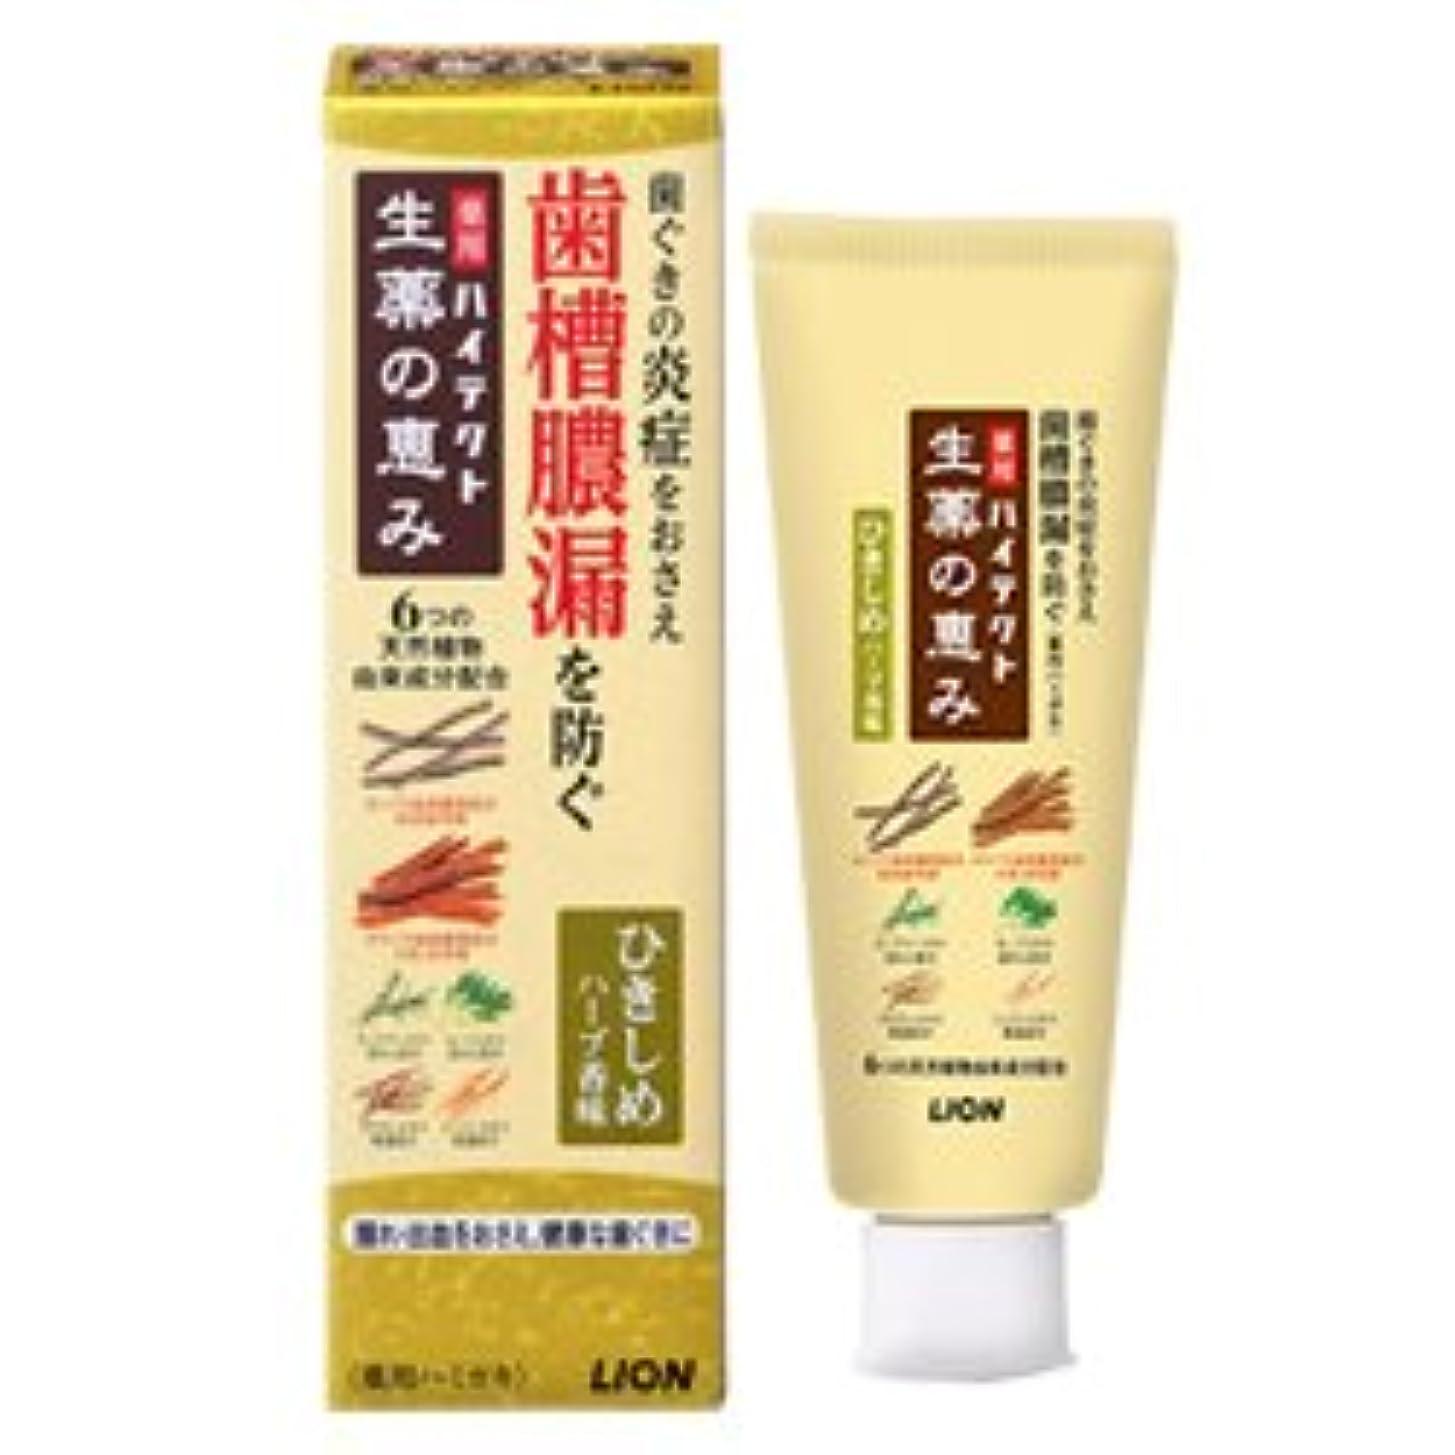 レイアどれでも事実【ライオン】ハイテクト 生薬の恵み ひきしめハーブ香味90g×5個セット